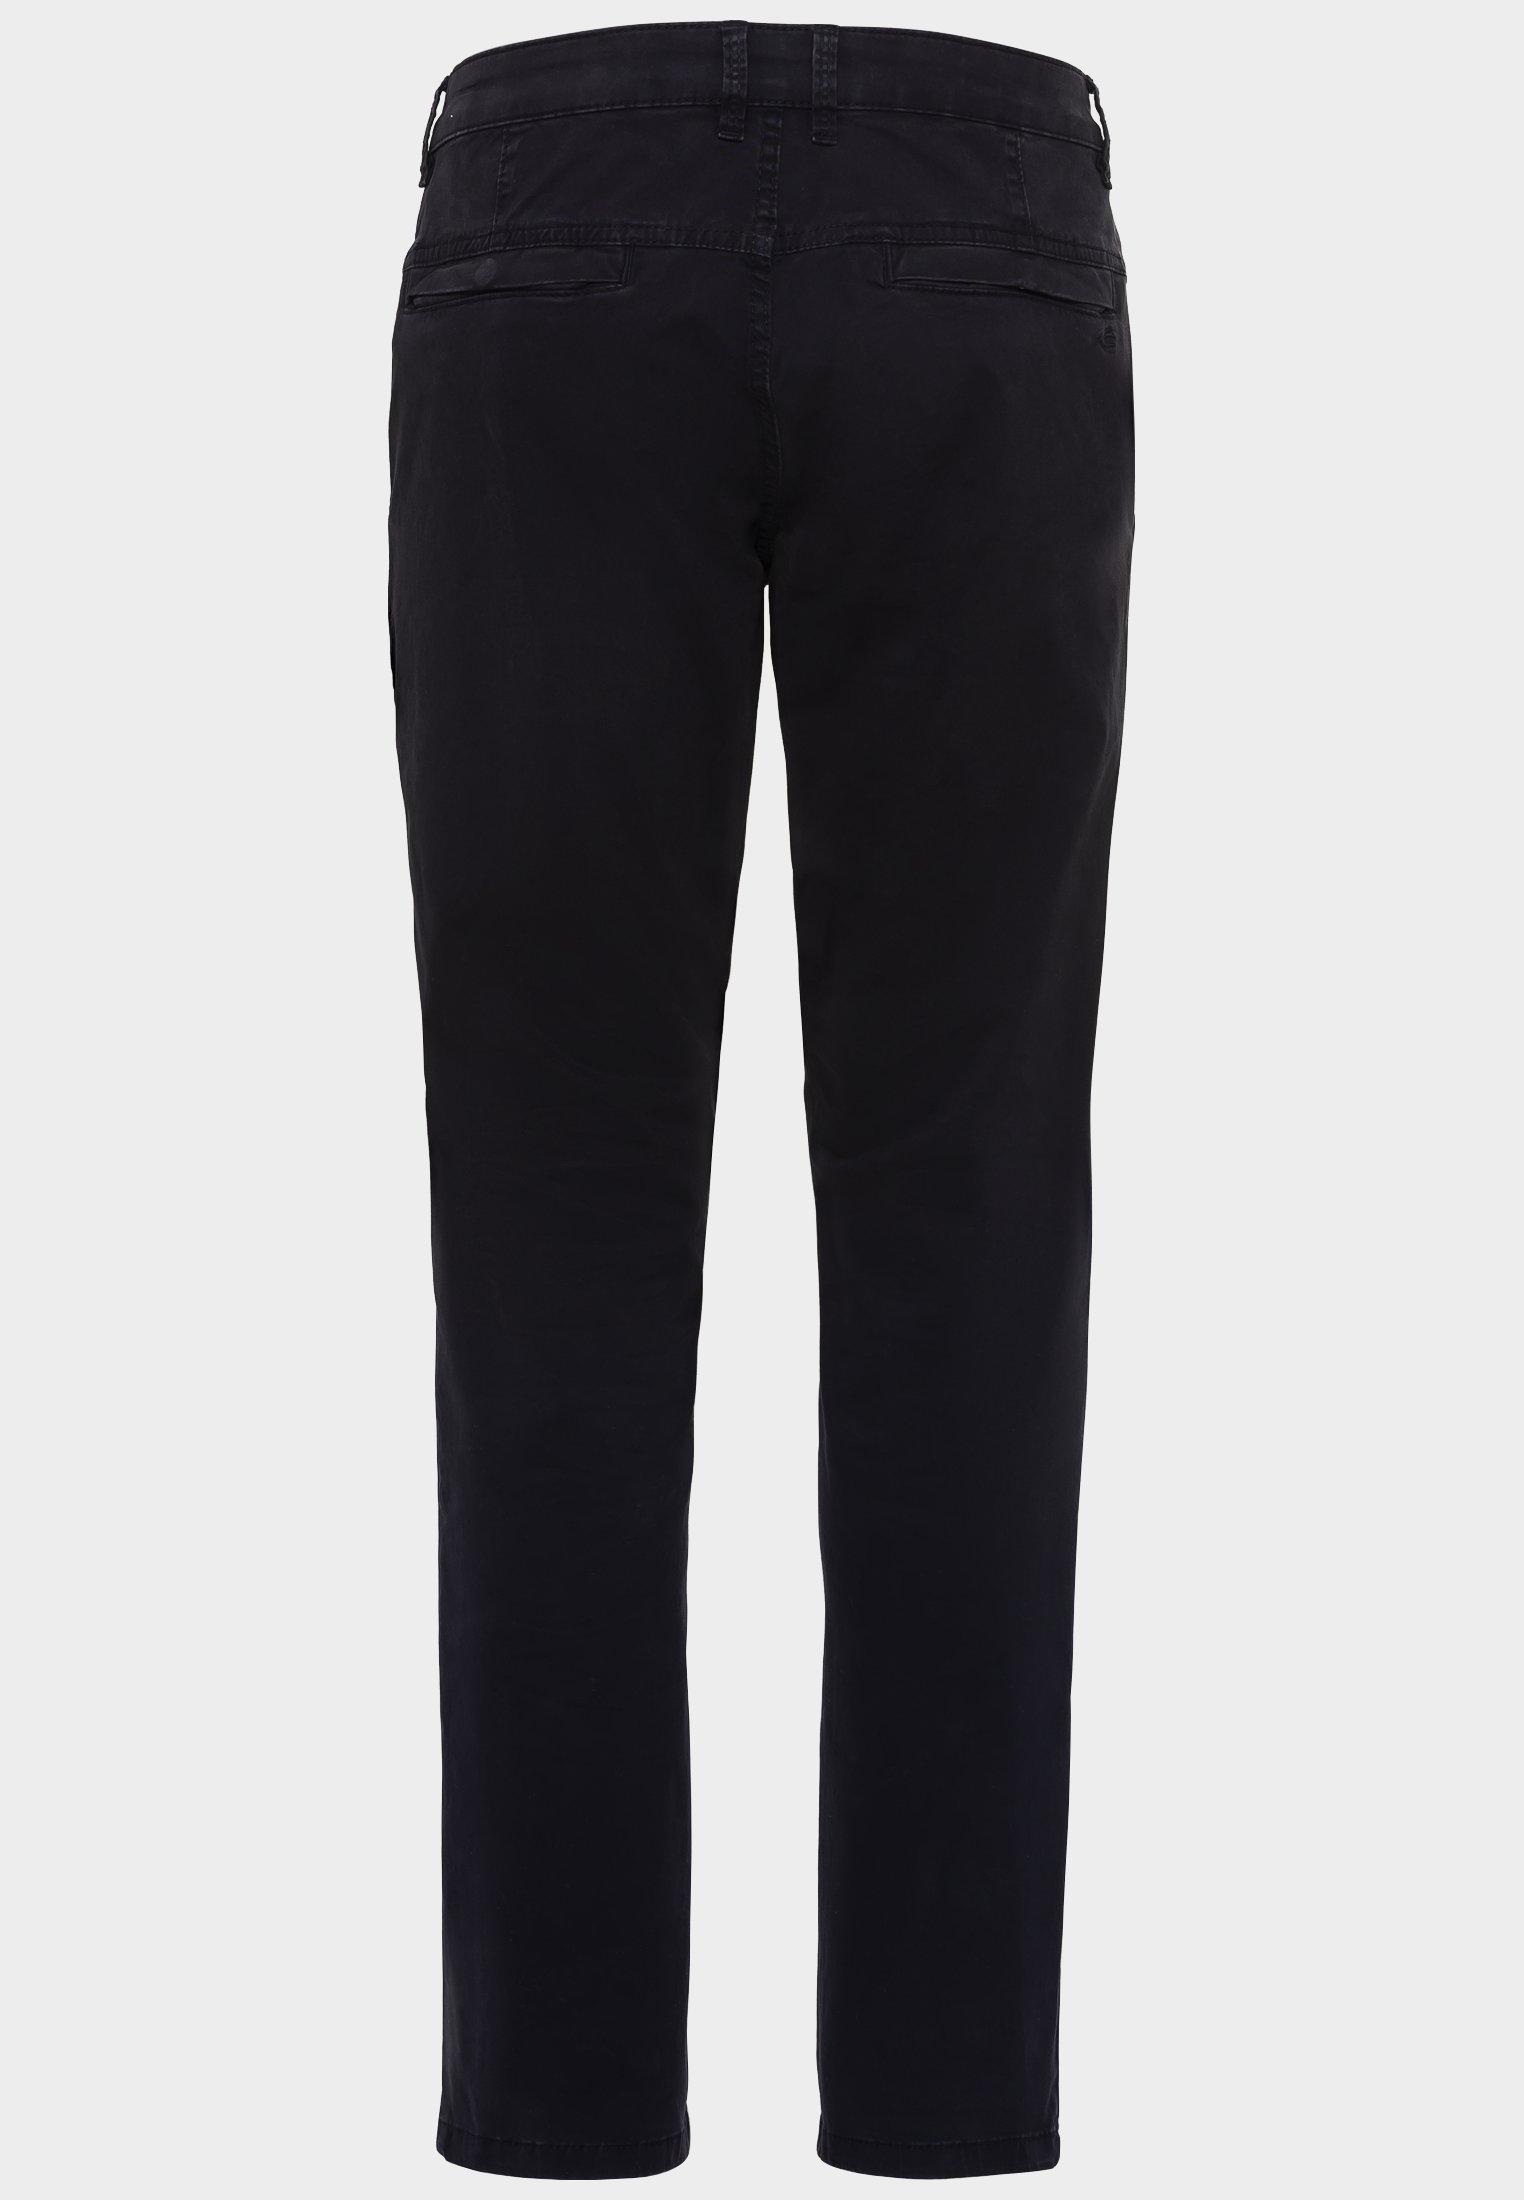 20595 Camel ACTIVE Herren Jeans Hose CHINO Straight Stretch black schwarz